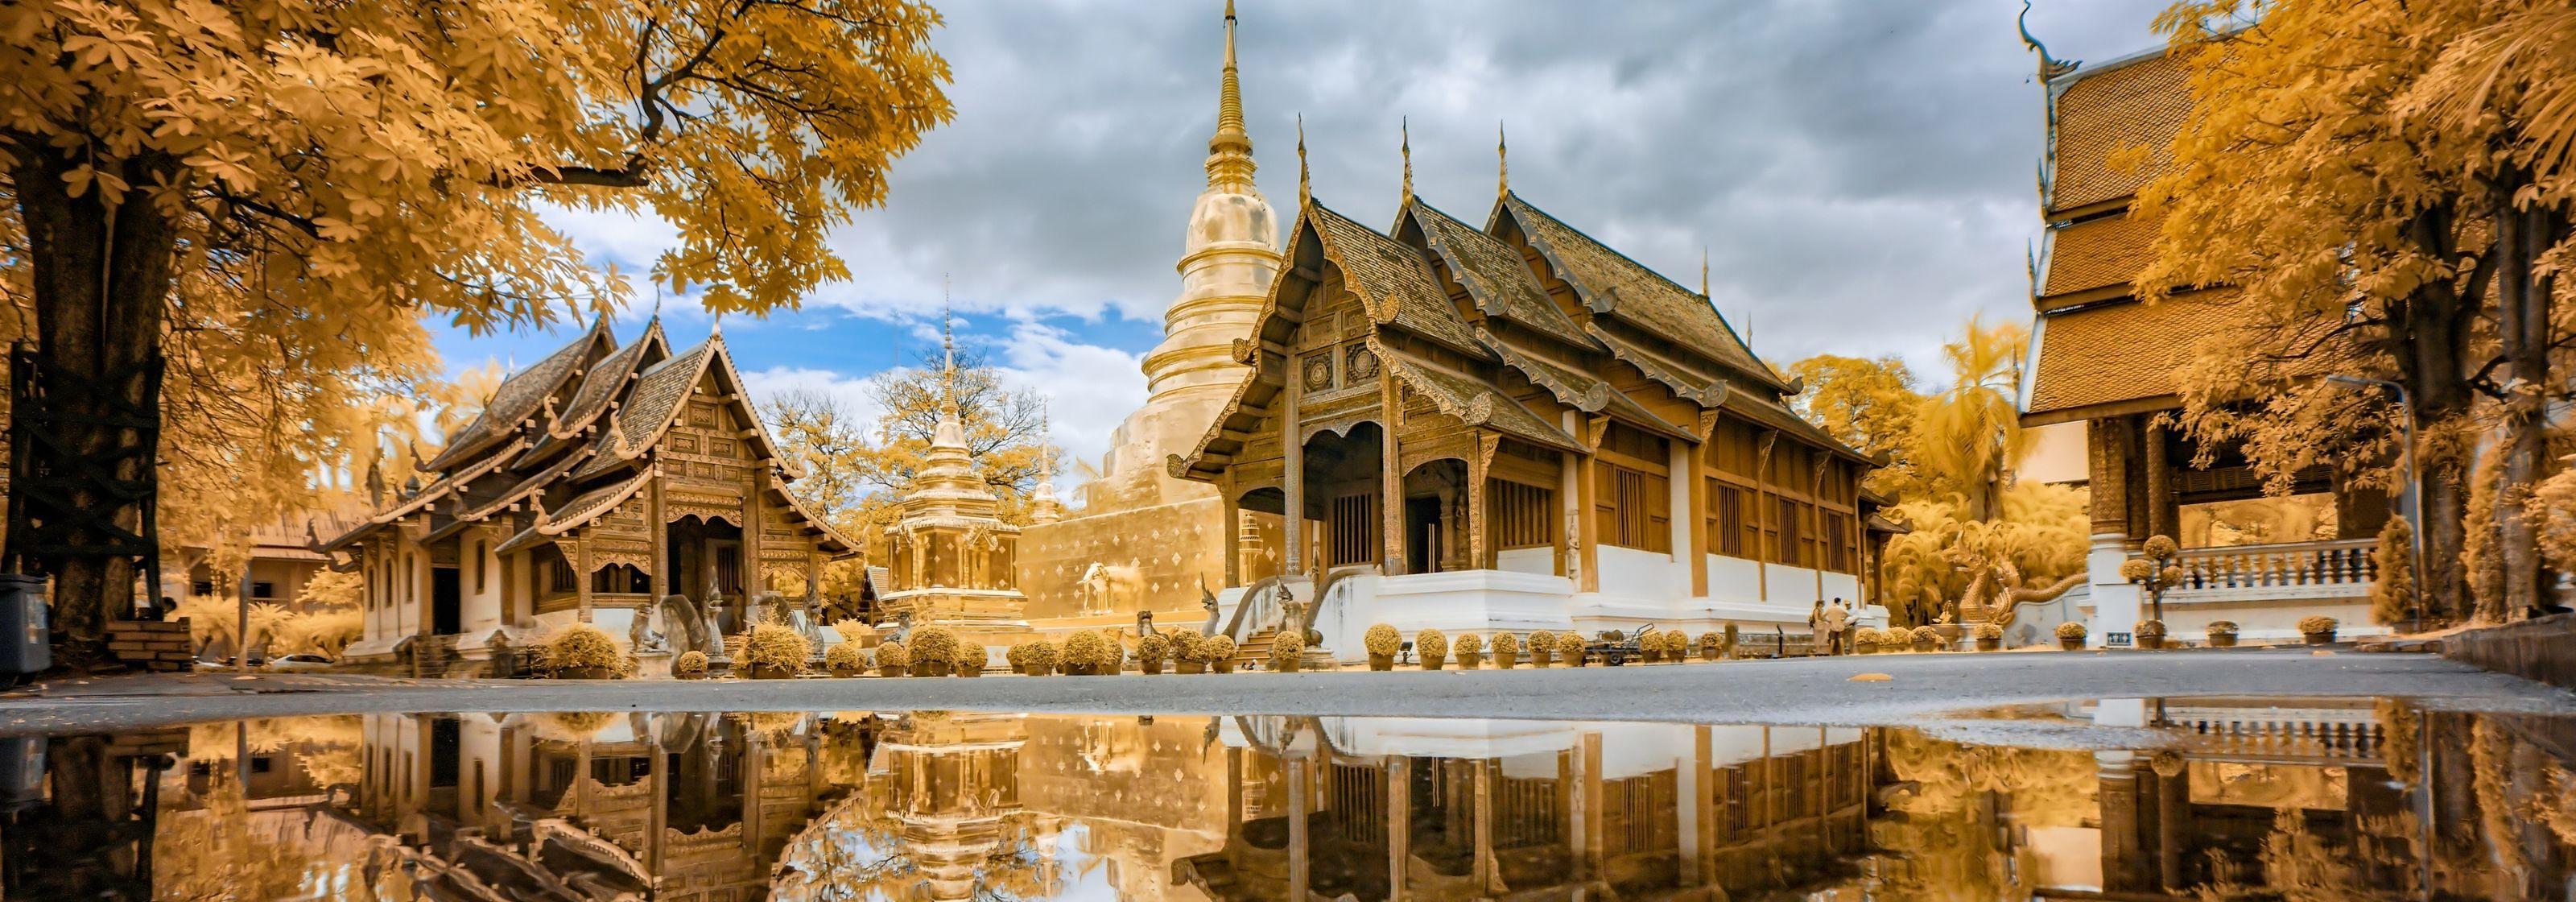 Cose da fare a Chiang Mai